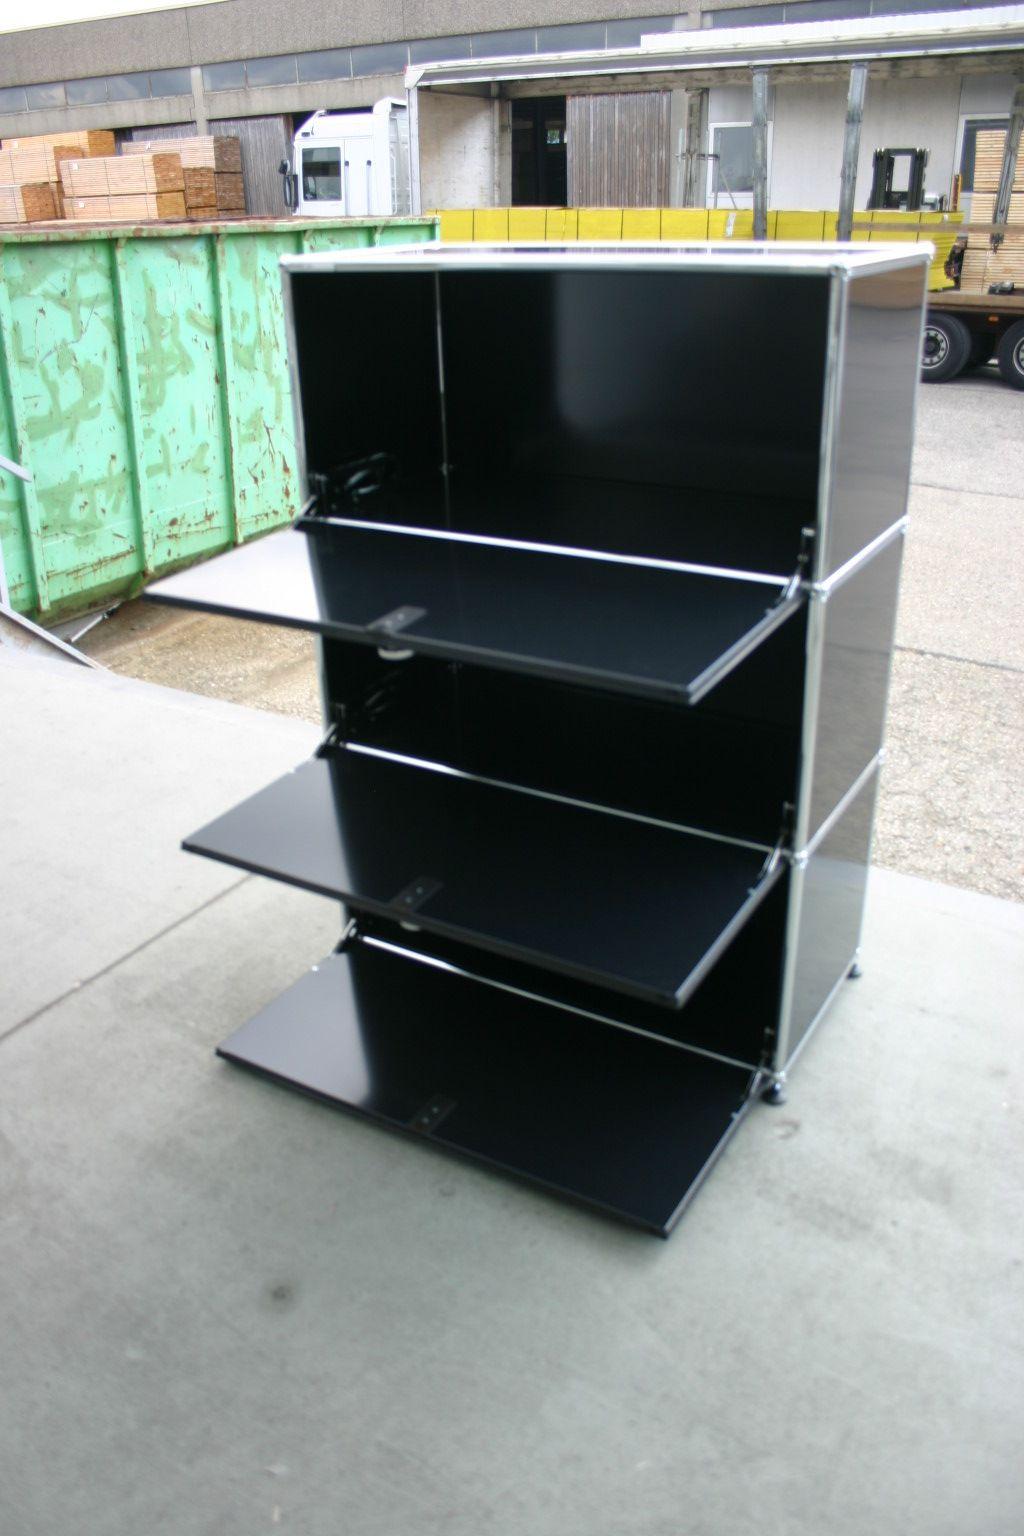 sideboard von usm haller in schwarz regal sideboards sideboards unsere kategorien. Black Bedroom Furniture Sets. Home Design Ideas